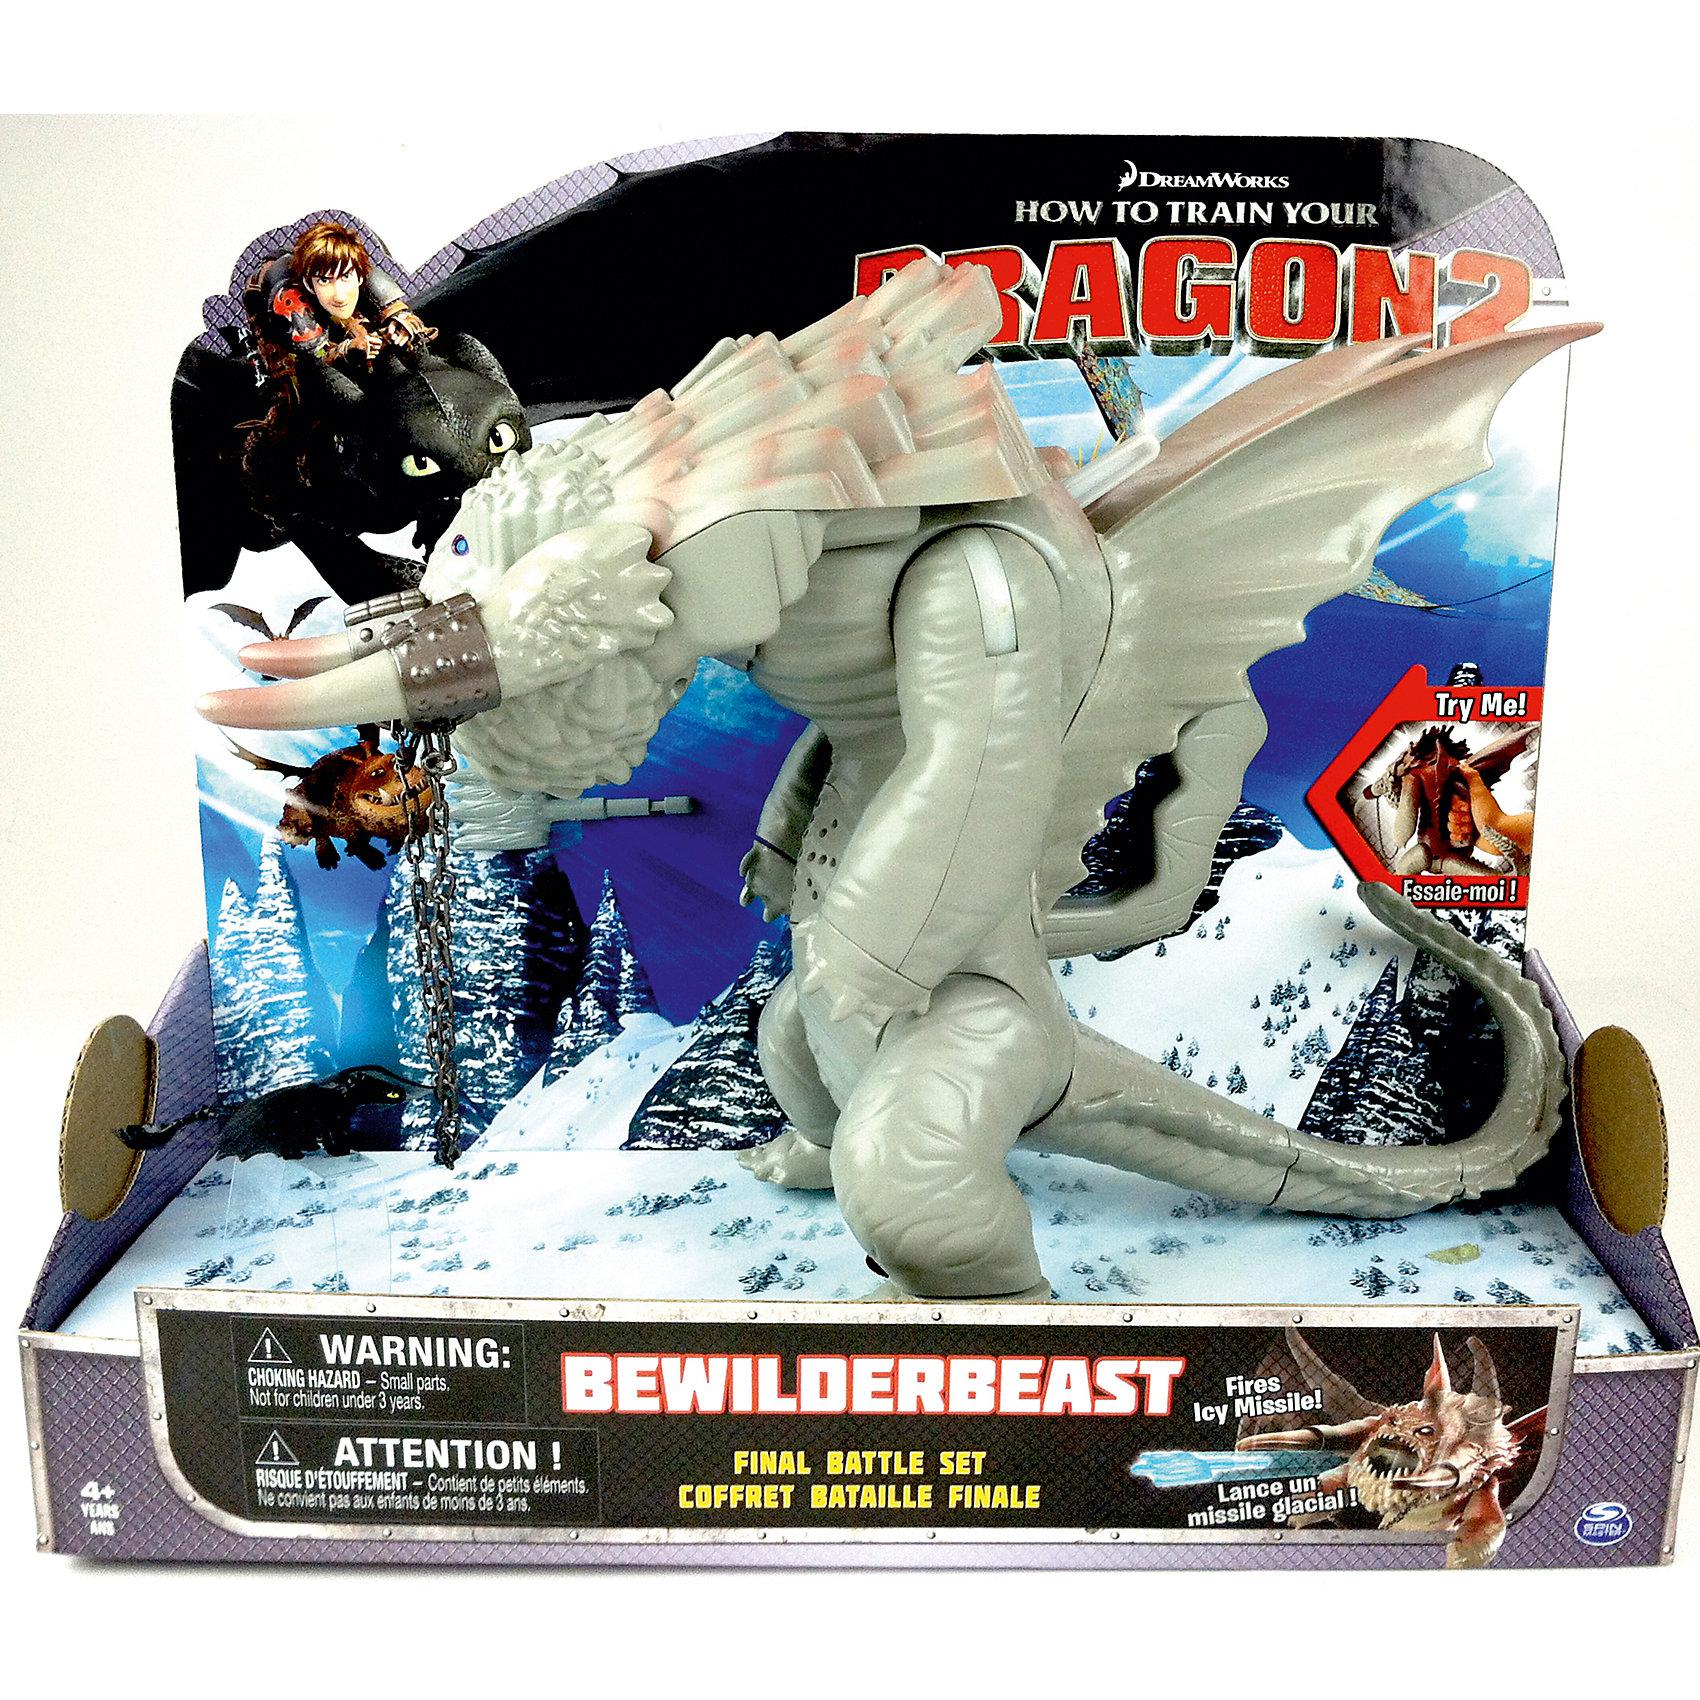 Большой ледяной дракон (Как приручить дракона 2), Spin Master, 66566/20063228Драконы и динозавры<br>Большой ледяной дракон (Как приручить дракона 2), Spin Master (Спин Мастер) встречается в финальной битве мультфильма «Как приручить дракона 2»: большой монстр с двумя крупными бивнями сражается при помощи ледяных стрел, которые он молниеносно выпускает из своей пасти. На спине у большого дракона расположена ручка, чтобы управлять им. Дракон может поднимать голову и передние лапы, а также выпускать стрелы из пасти. При этом дракон будет издавать соответствующие звуки (топот, рычание, свист ледяных стрел).   Дополнительная информация:  -Комплектация: 1 фигурка дракона высотой приблизительно 30 см, 1 фигурка Беззубика  -Игрушка работает от 3-х батареек типа ААA (нет в комплекте) -Материал: пластик  Устрой битву добрых драконов с ледяным драконом, как в мультфильме!  Большого ледяного дракона (Как приручить дракона 2), Spin Master (Спин Мастер) можно купить  в нашем магазине.<br><br>Ширина мм: 127<br>Глубина мм: 362<br>Высота мм: 308<br>Вес г: 763<br>Возраст от месяцев: 48<br>Возраст до месяцев: 96<br>Пол: Мужской<br>Возраст: Детский<br>SKU: 4836016